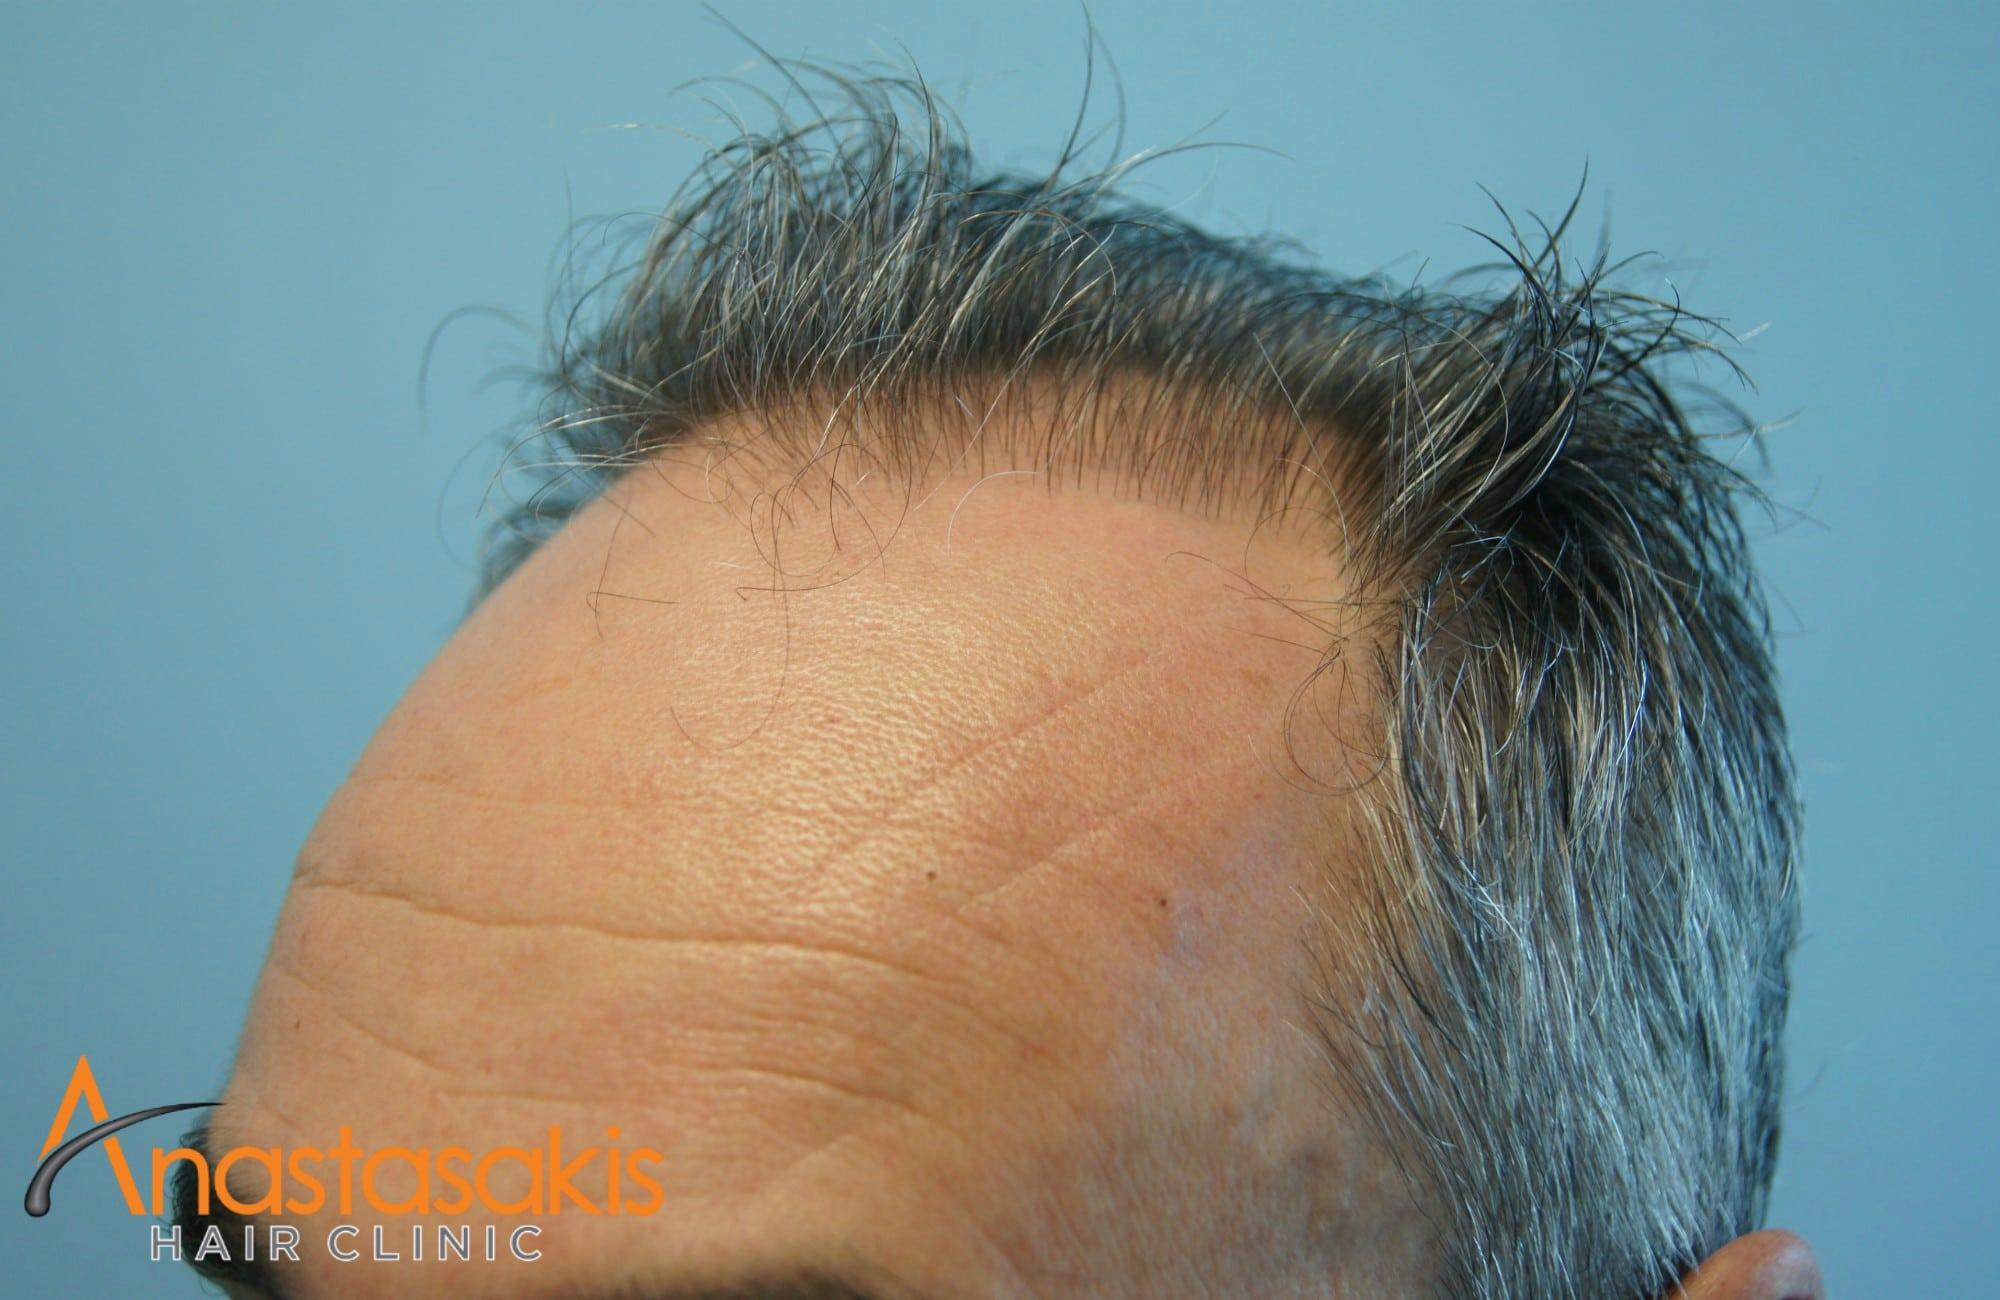 δεξί προφίλ 2 ασθενους πριν τη μεταμόσχευσή μαλλιών με 3500 fus